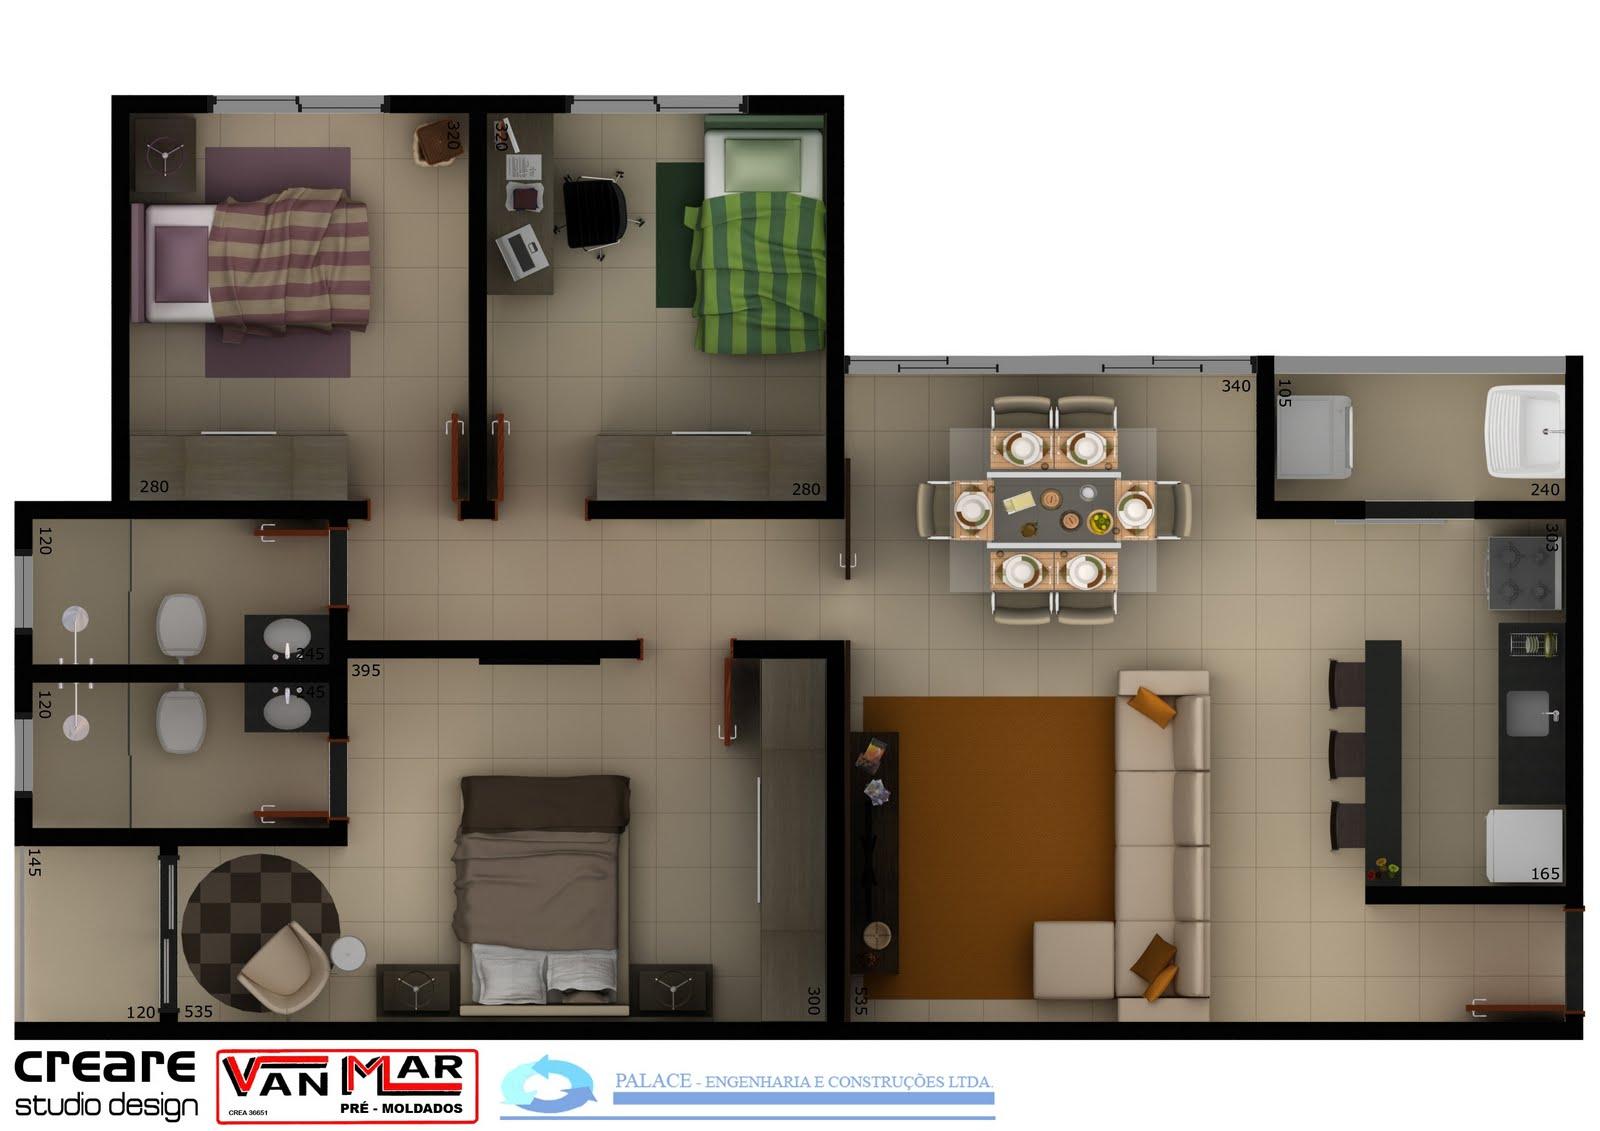 Creare studio design planta humanizada for Creare design